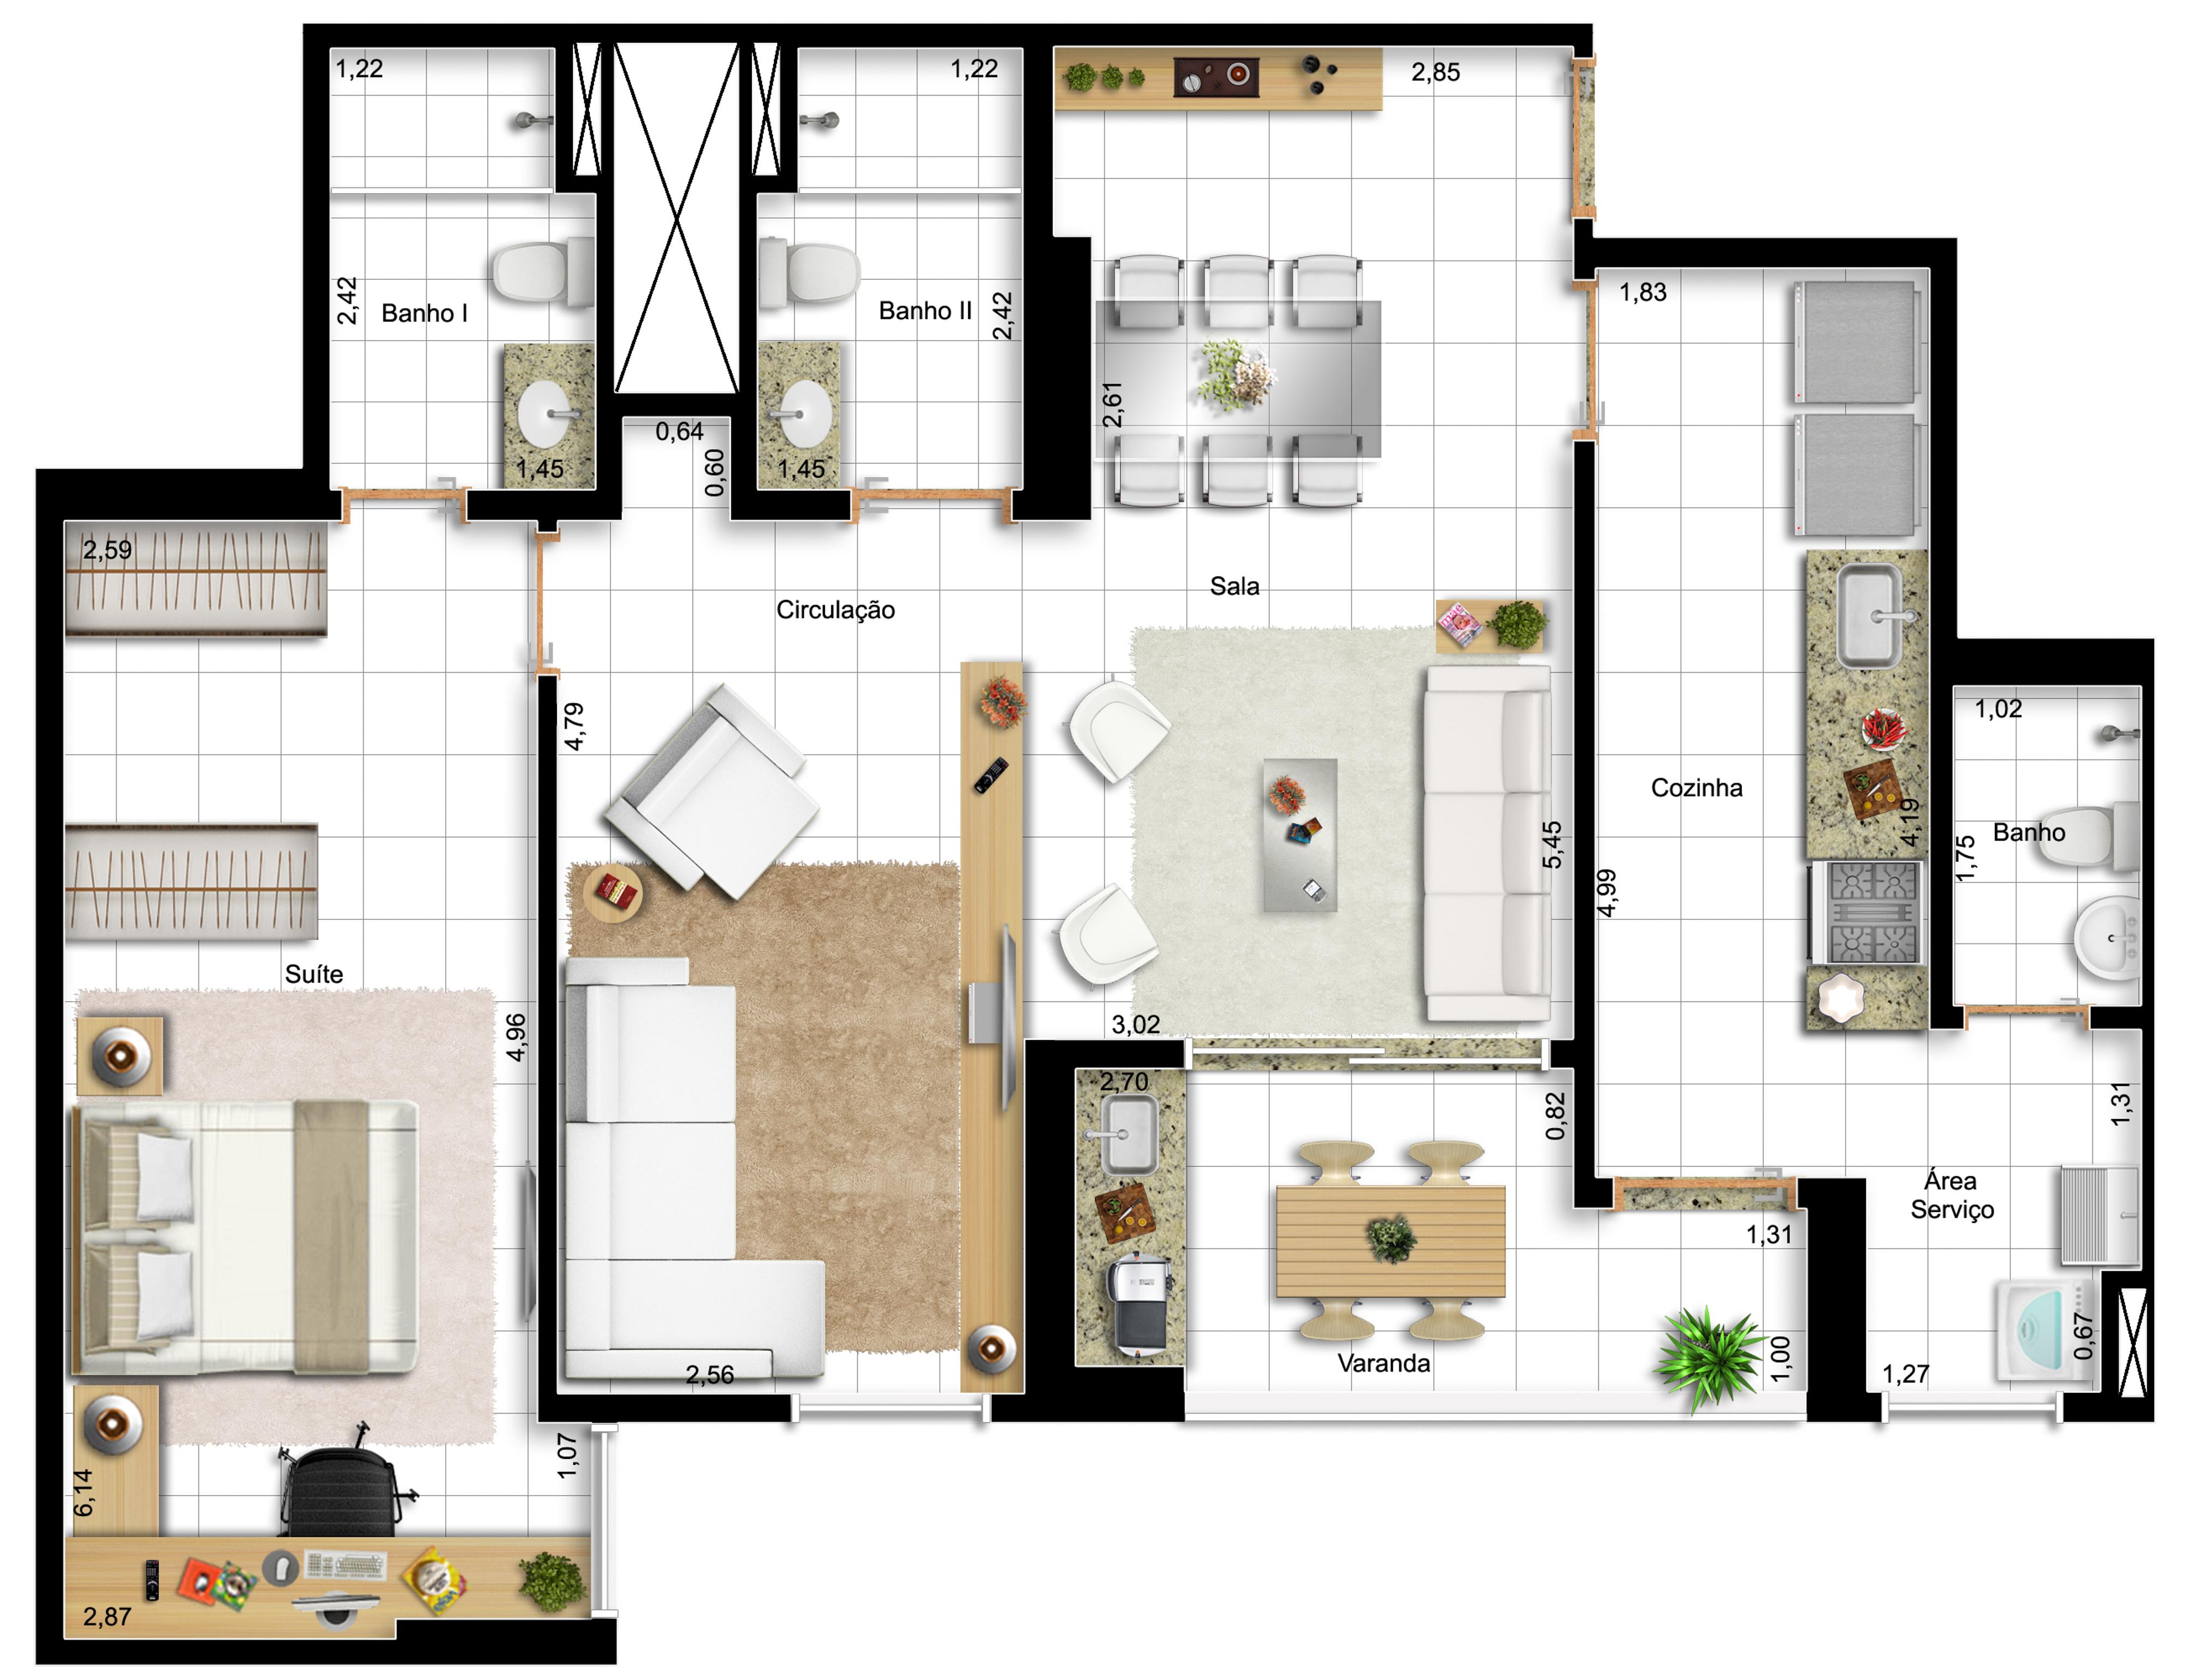 82,42m² - 1 suíte - final 14 - opção com sala ampliada